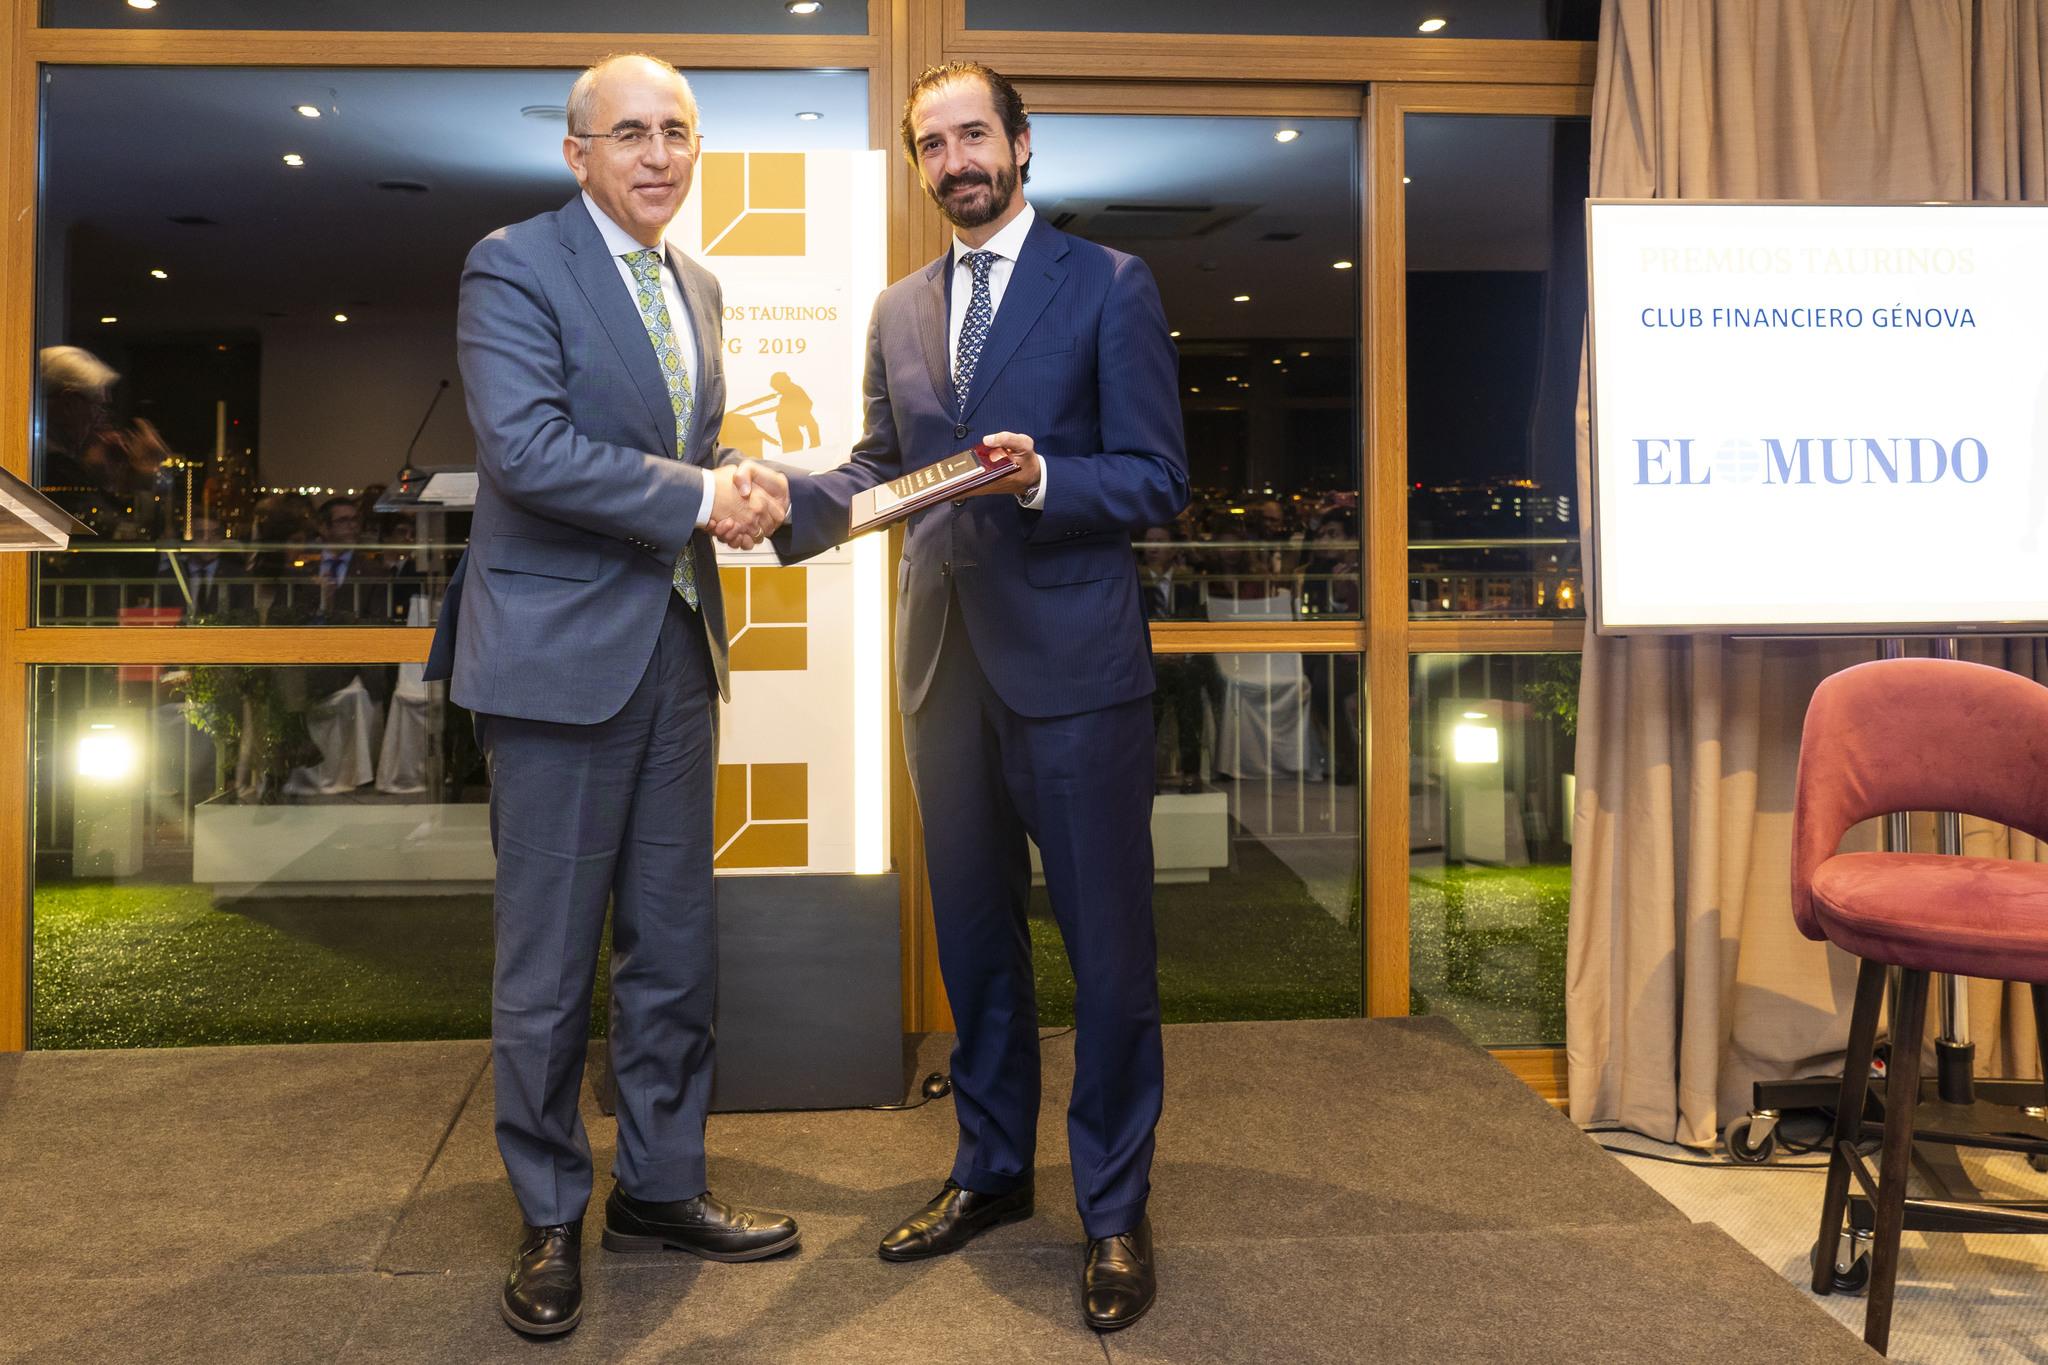 Angel Navarrete 21/10/2019 Madrid, Comunidad de Madrid Francisco <HIT>Rosell</HIT>, director de El <HIT>Mundo</HIT>, recibe el Premio Taurino del Club Financiero Genova